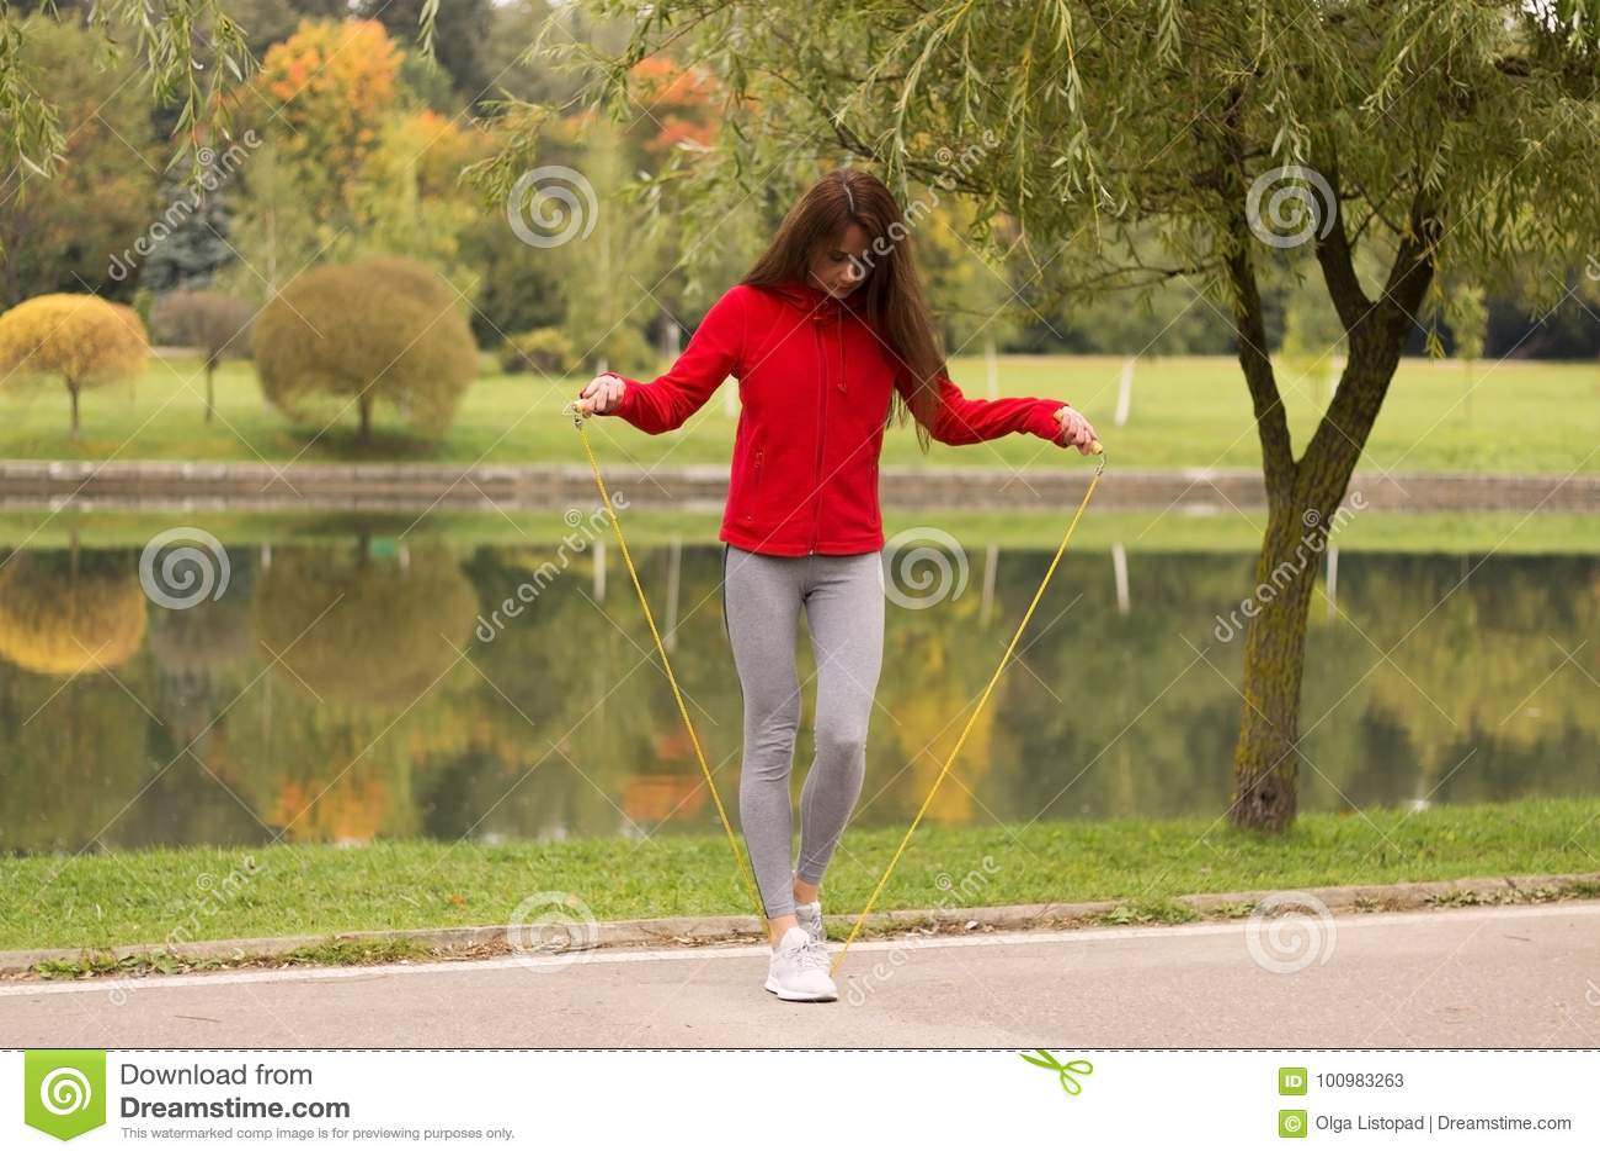 f032d2dd8f23 Aptitud, deporte, entrenamiento, parque y concepto de la forma de vida -  mujer